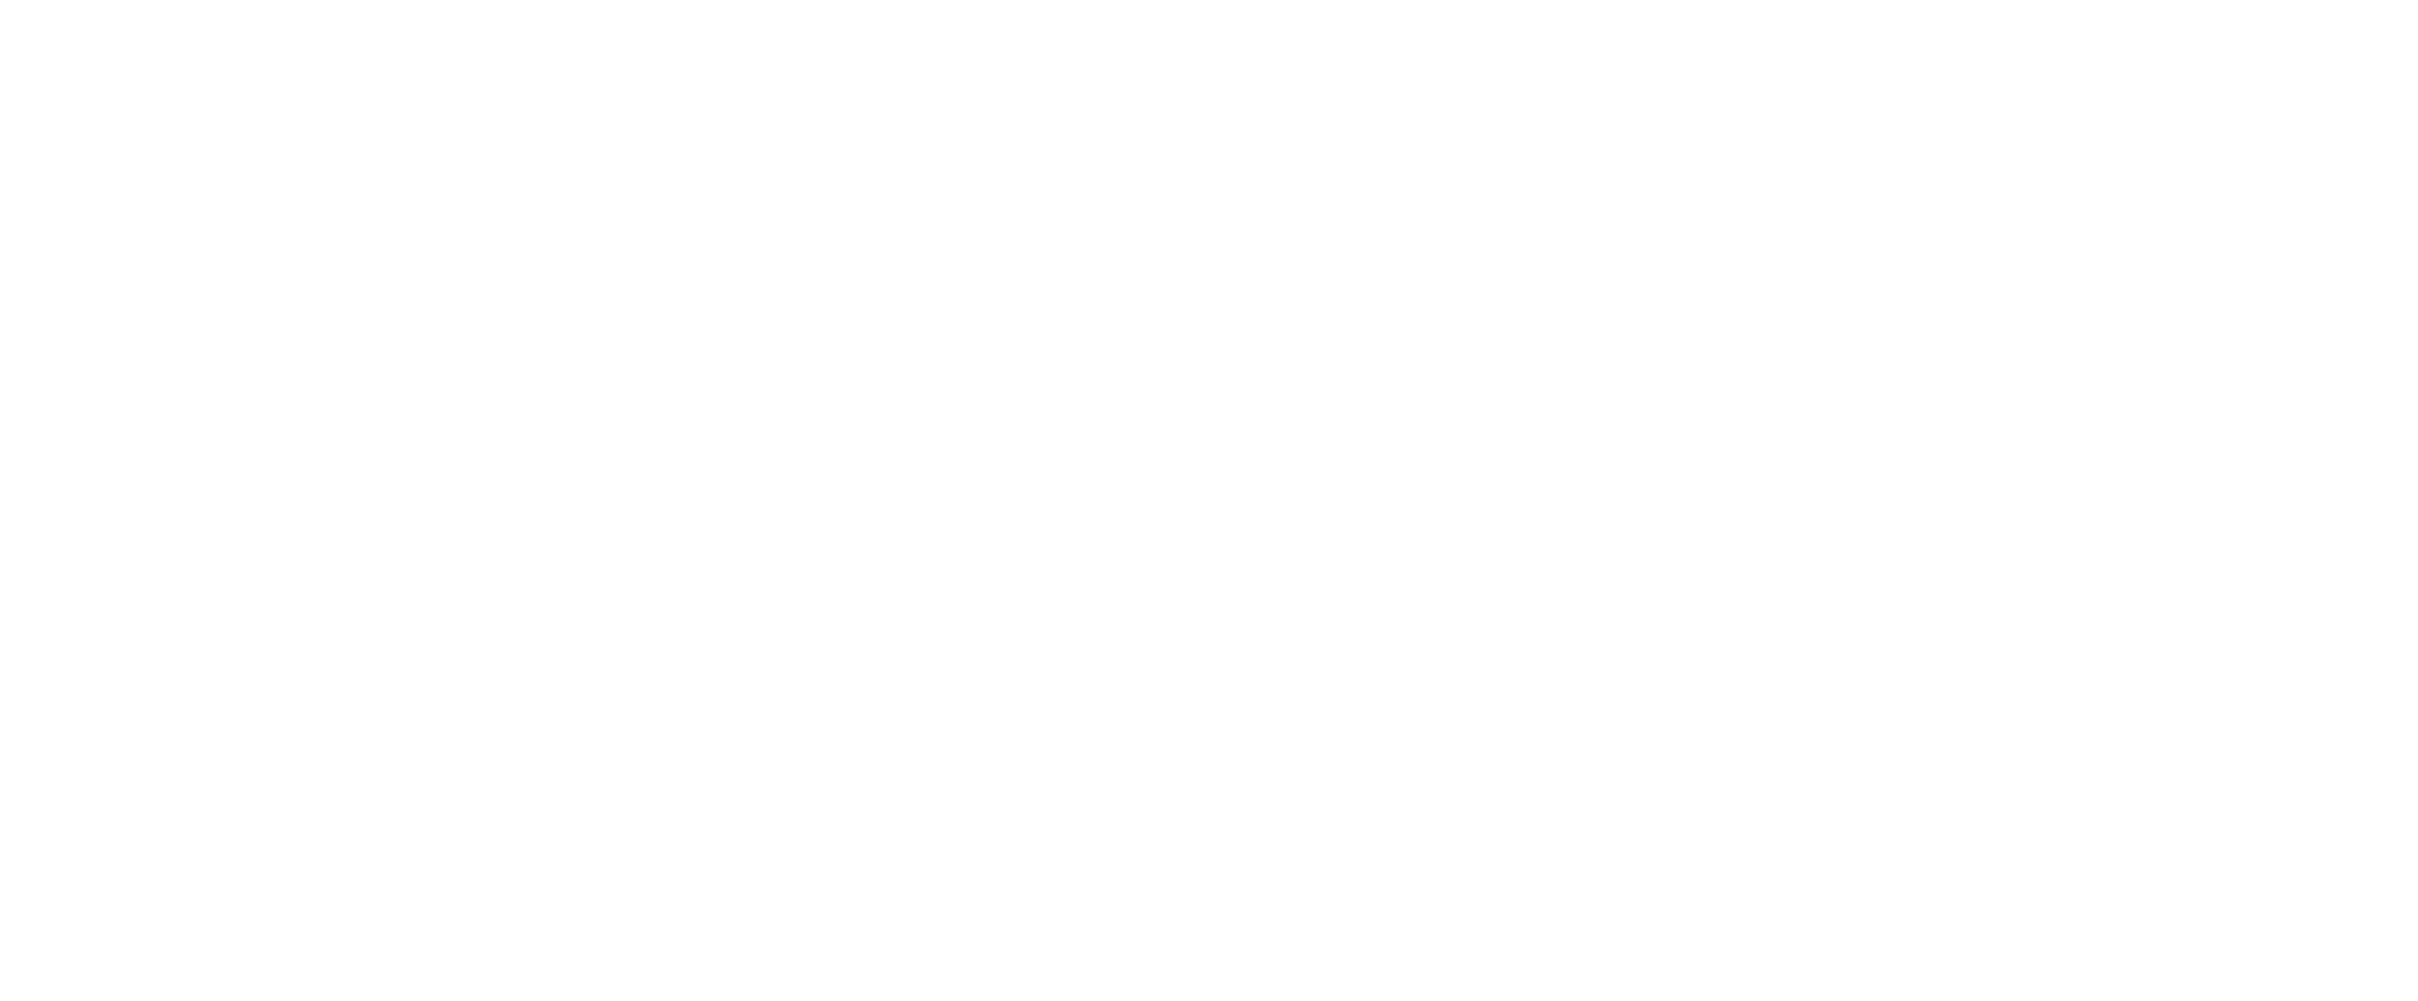 RTC_Logo_White.png